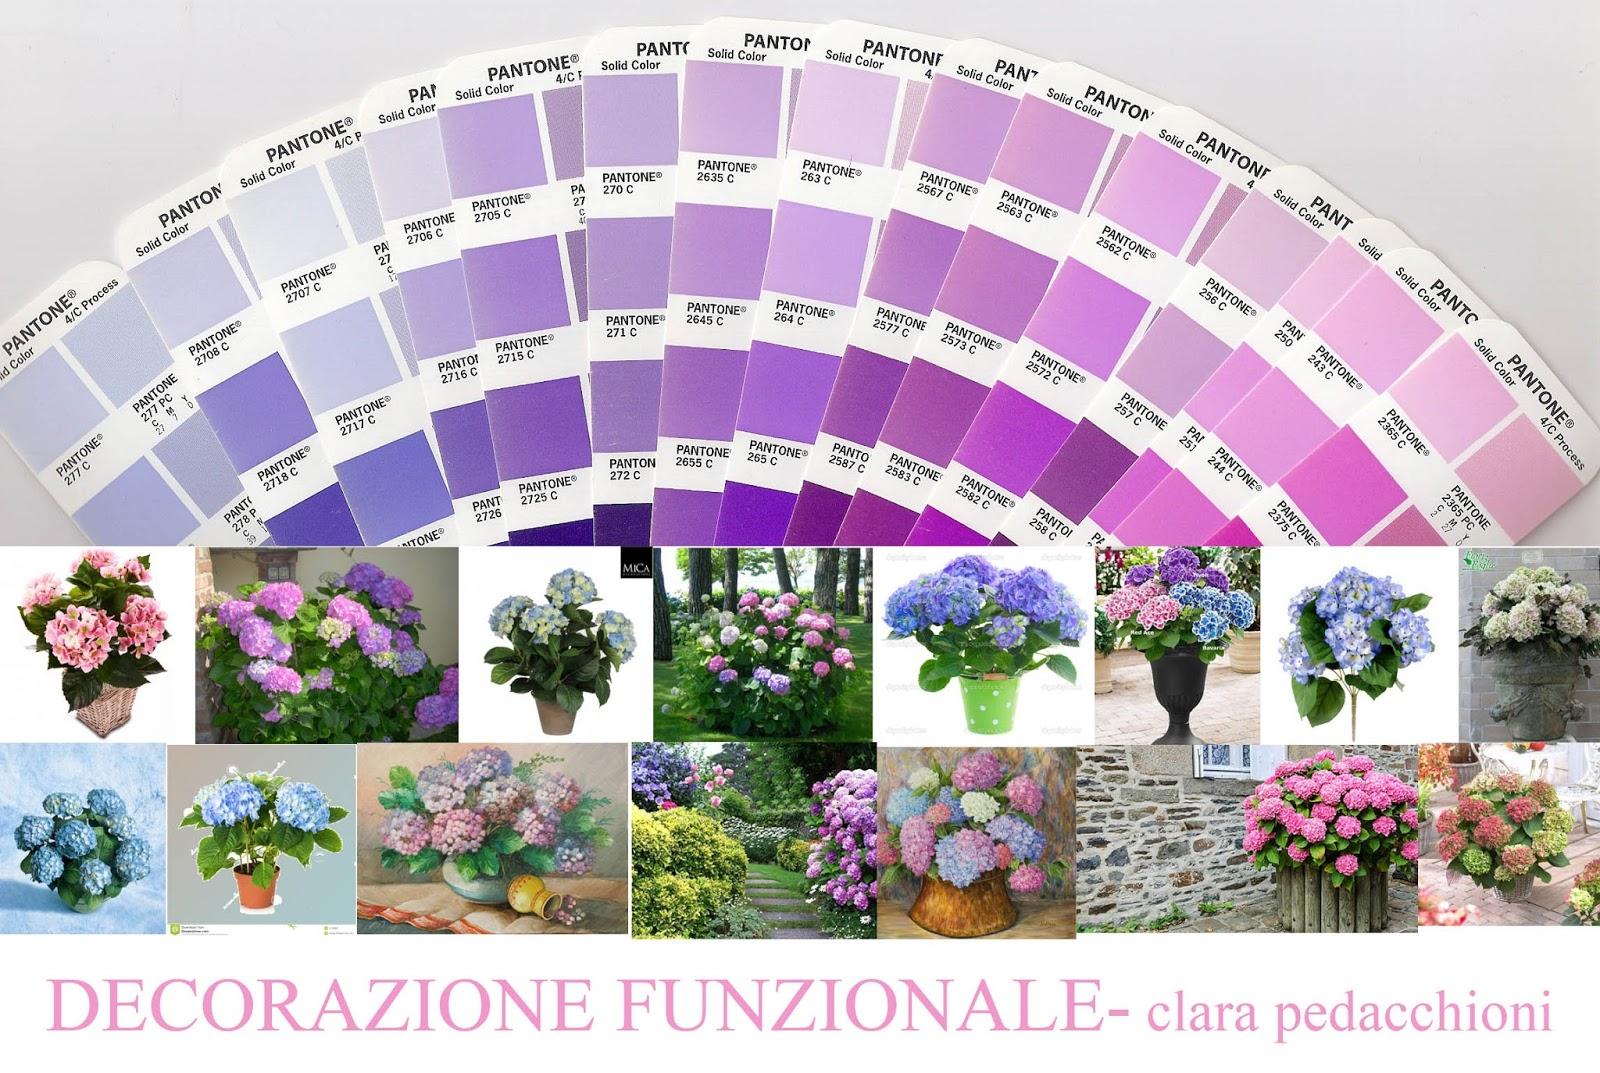 Colori pastello dal rosa al celeste ispirarsi alle ortensie - Ortensie colori ...